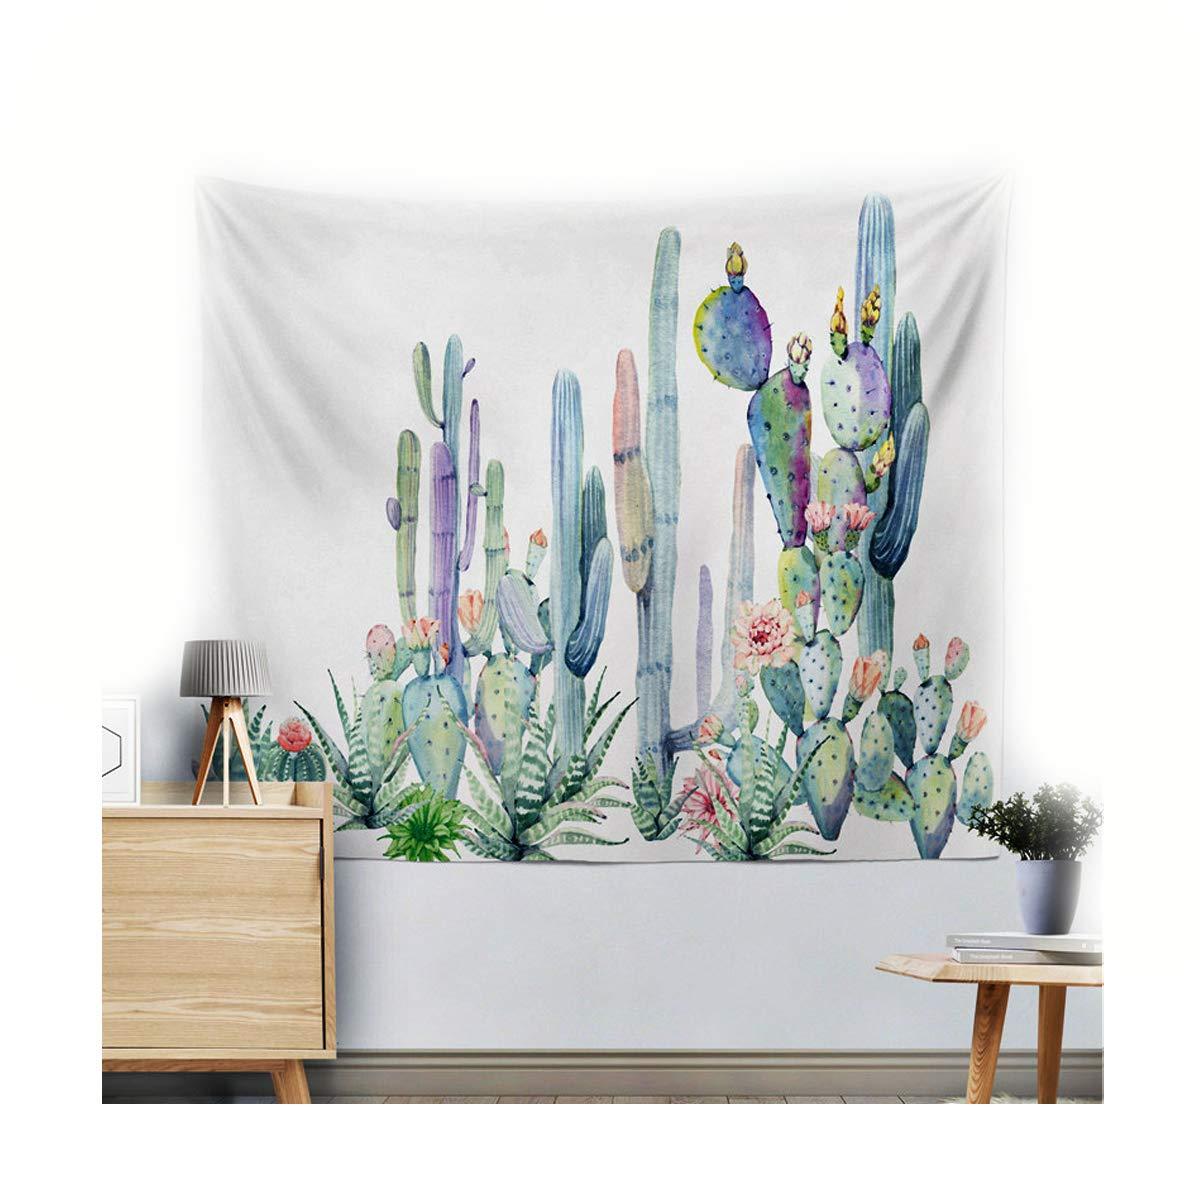 Miguor Fibre de polyester dacron Chiffon Cactus plantes artificielles Tapisserie Drap de plage Beach Sit Couverture D/écoration de la Maison 150cm 9.yellow Cactus 200